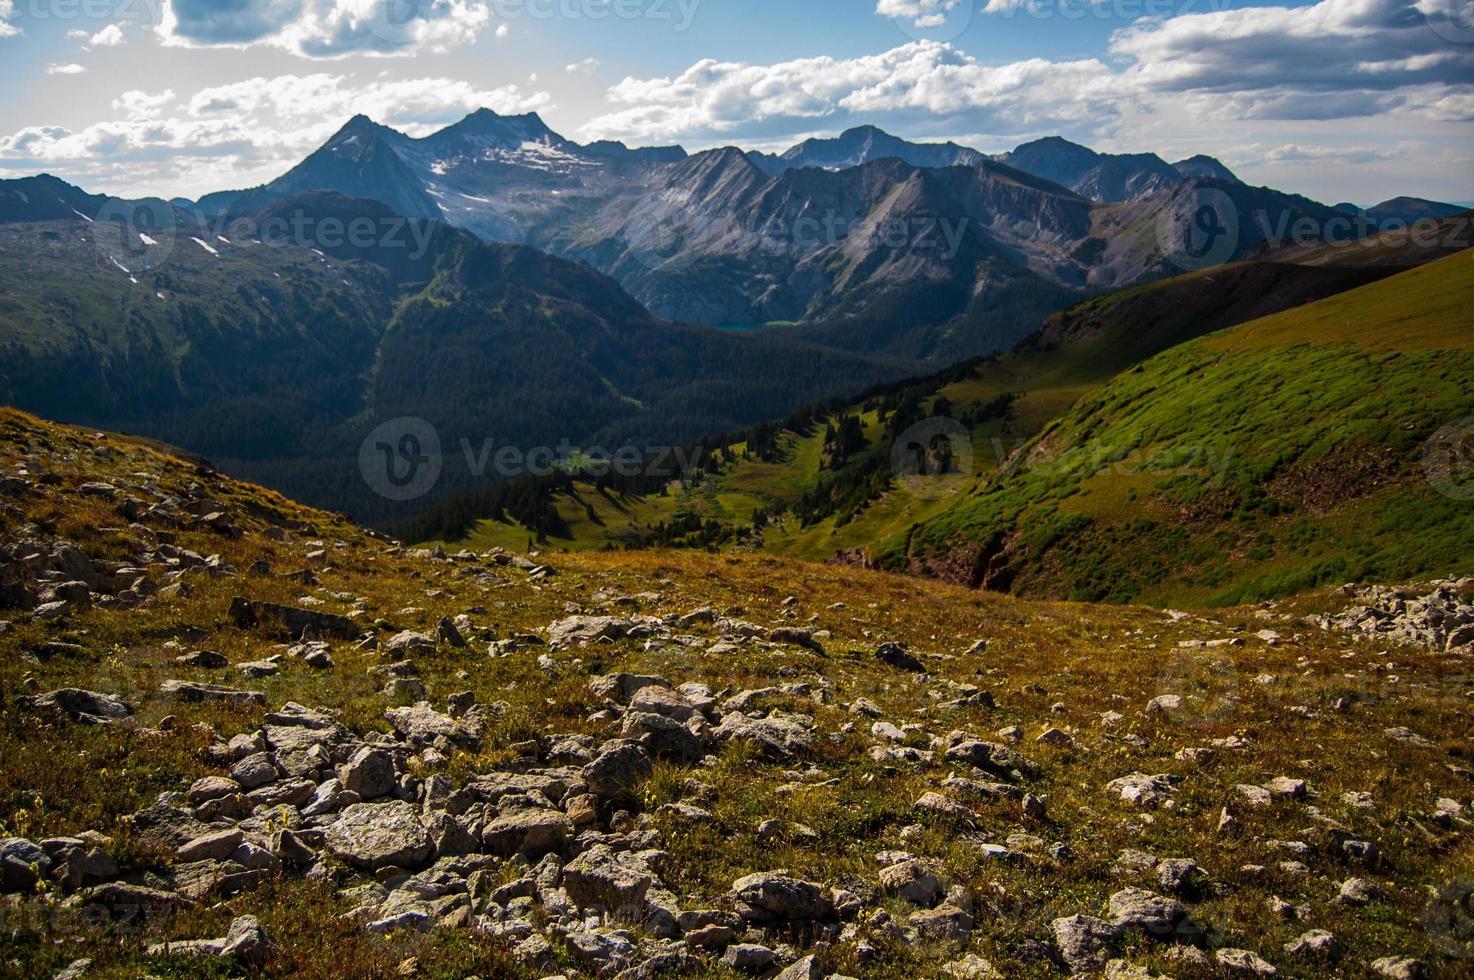 montanha de snowmass aspen passagem de camurça fuga de montanha foto